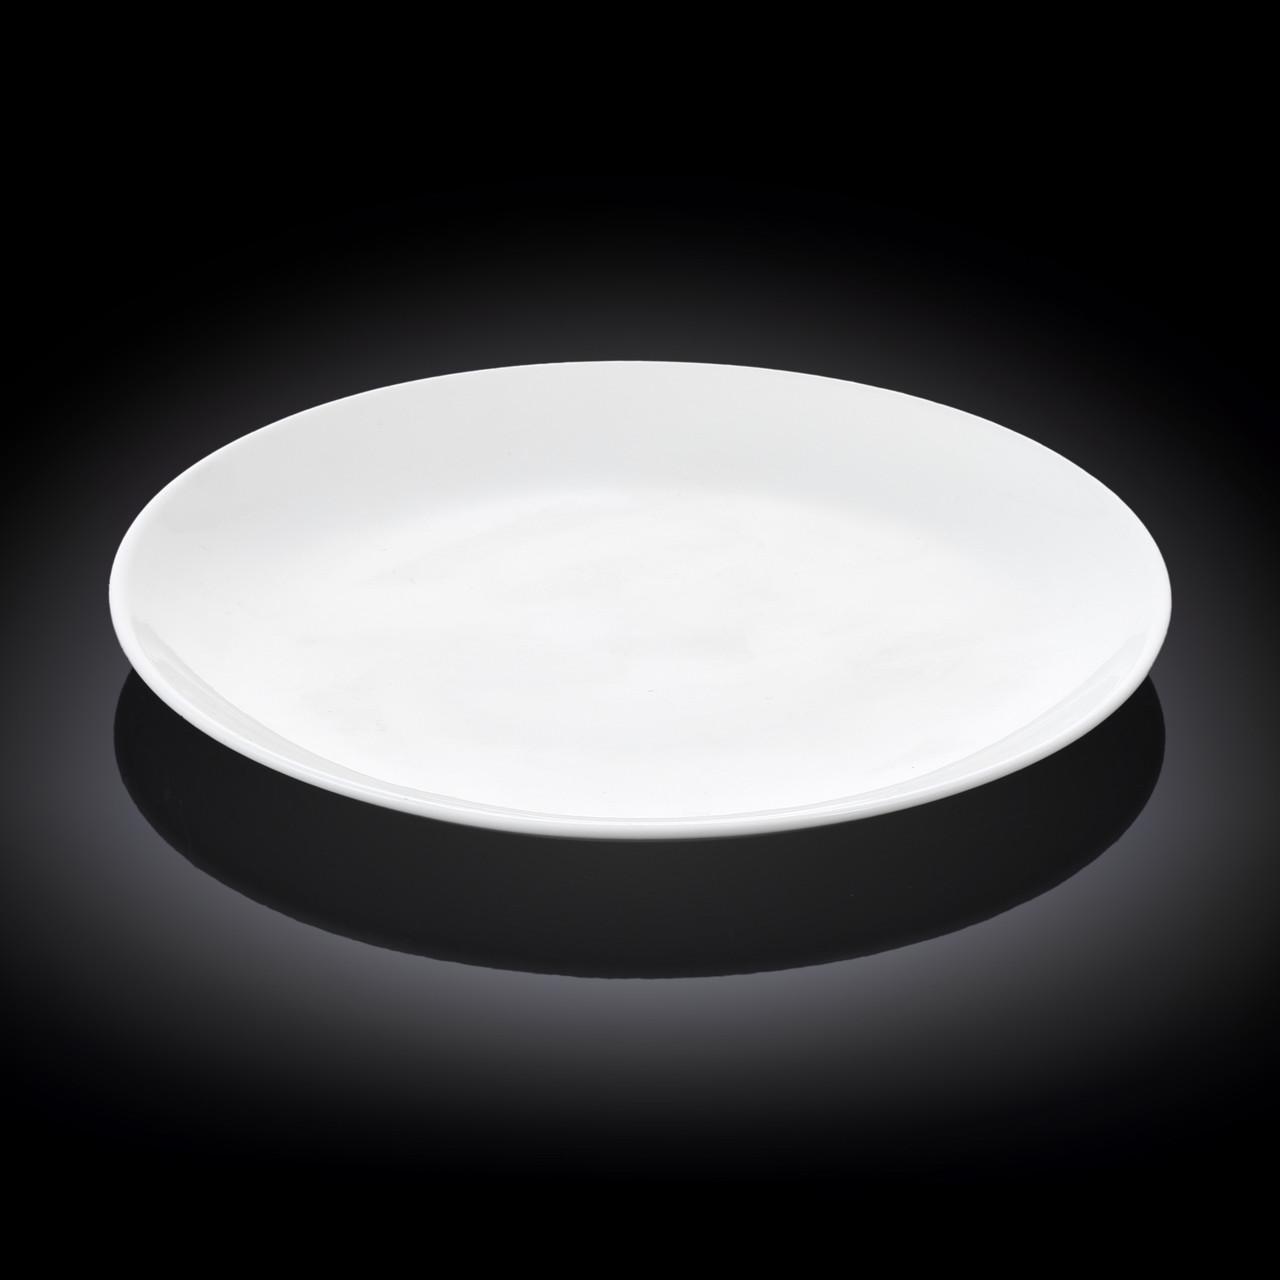 Тарелка обеденная Wilmax круглая 25,5 см